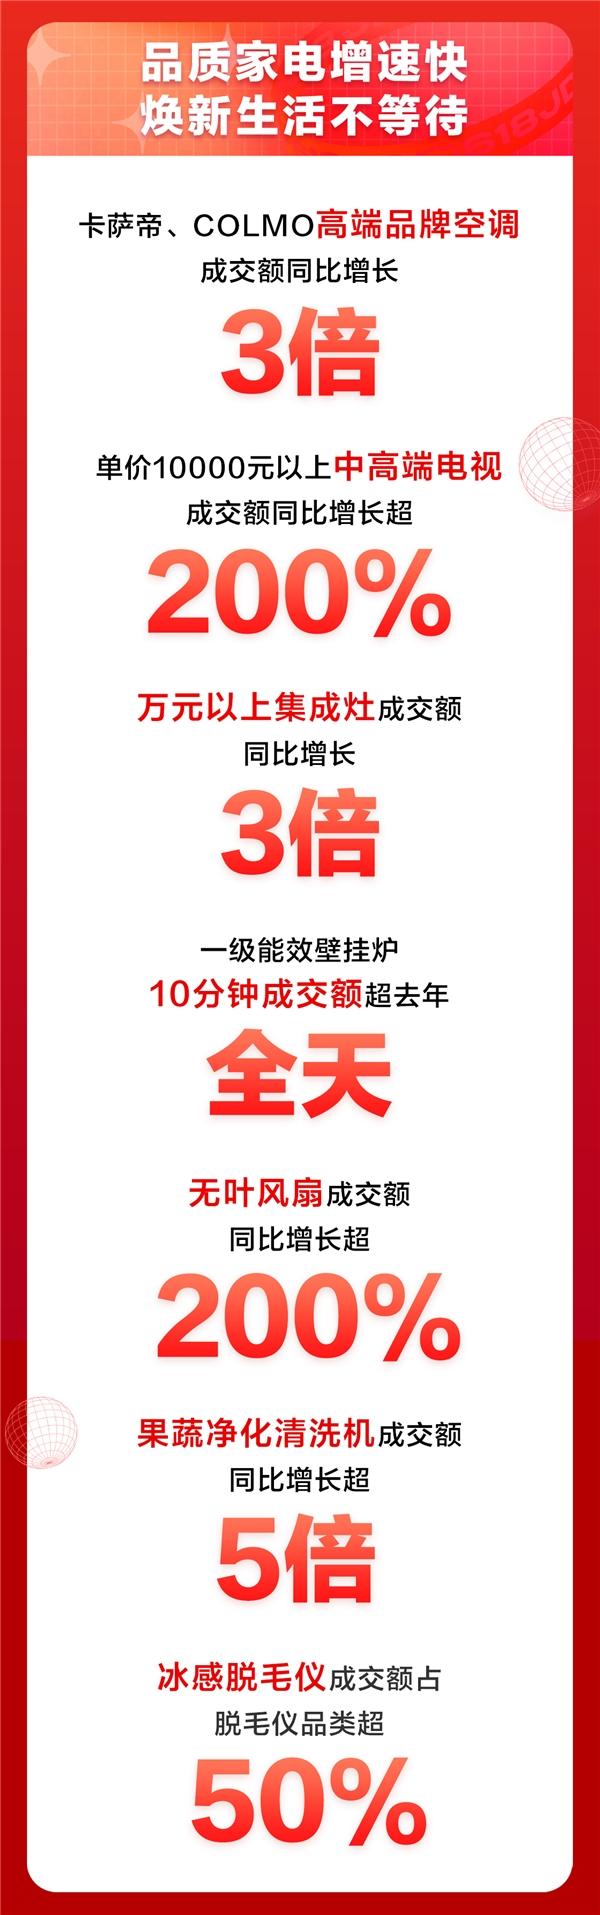 京东618家电品类日狂撒9折消费券,高端市场迎来大爆发